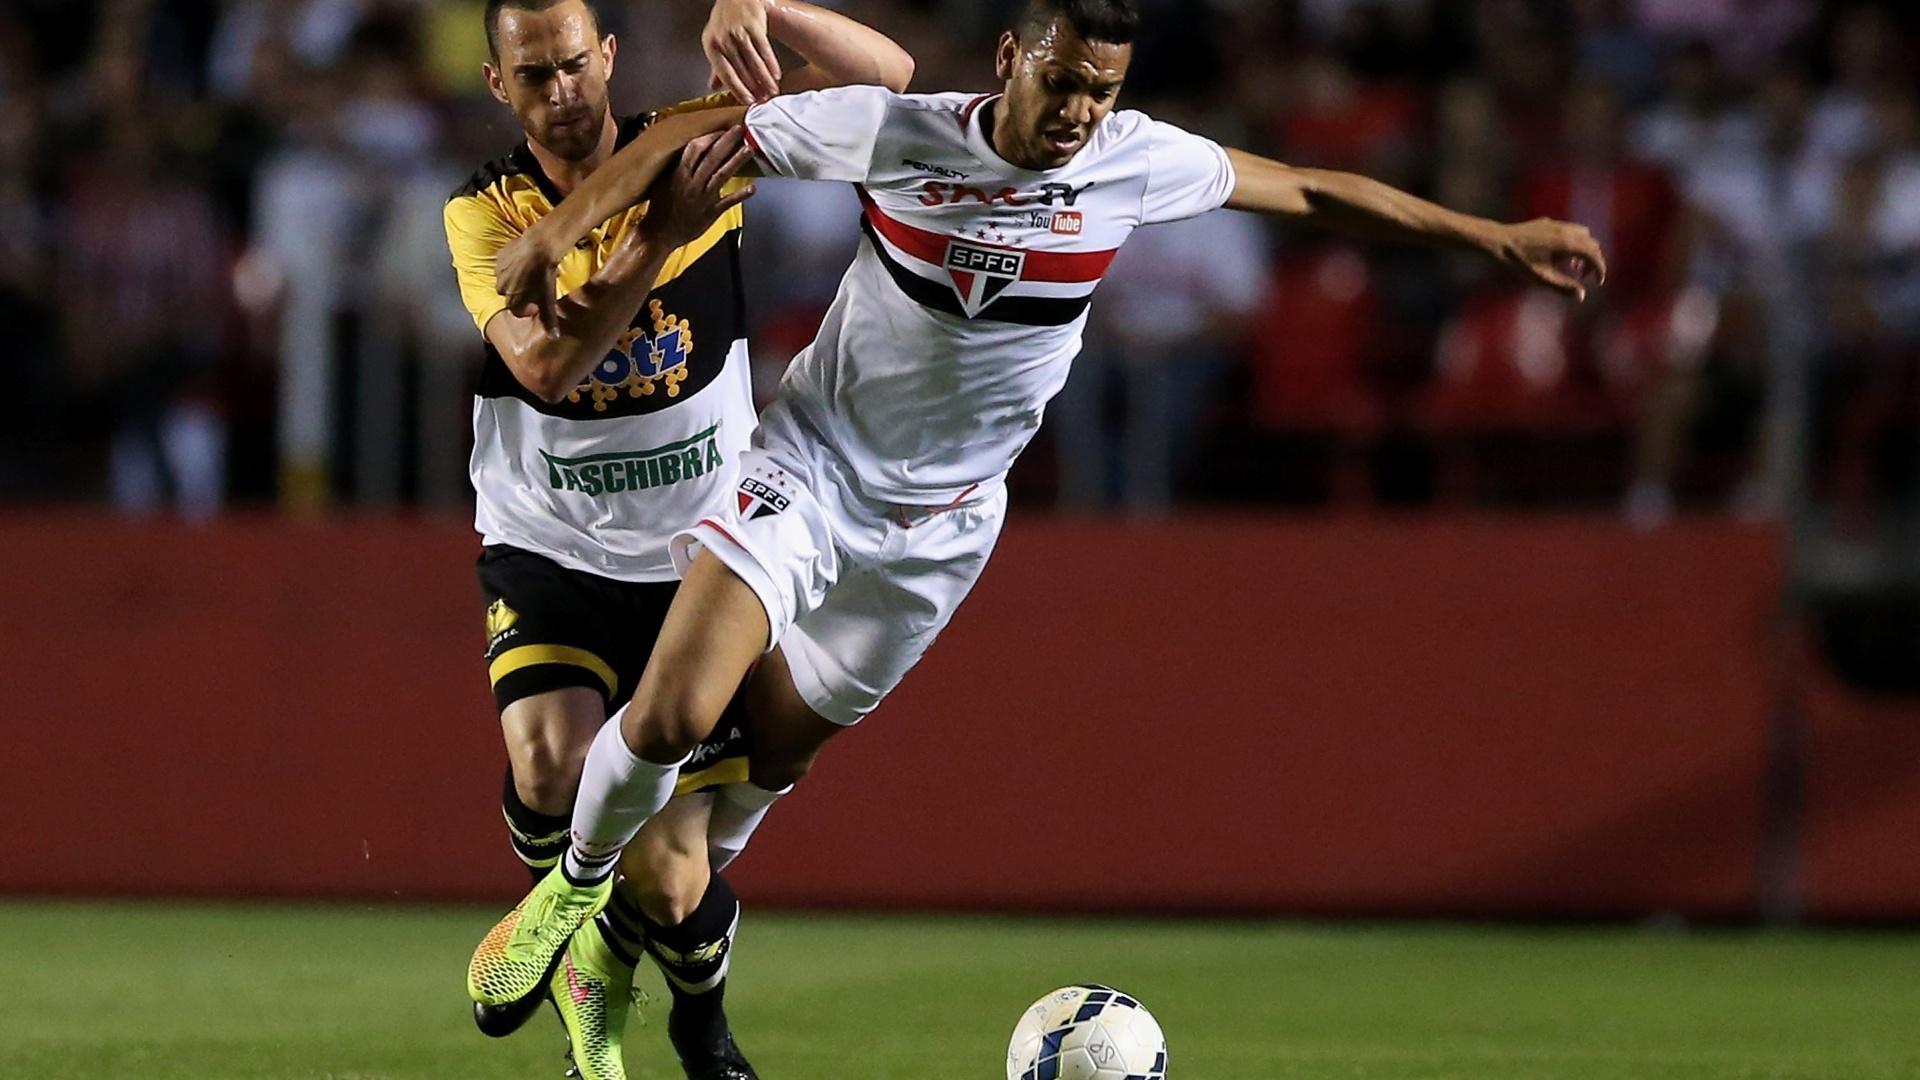 Souza escapa da marcação do Criciúma em jogo do São Paulo pelo Brasileirão